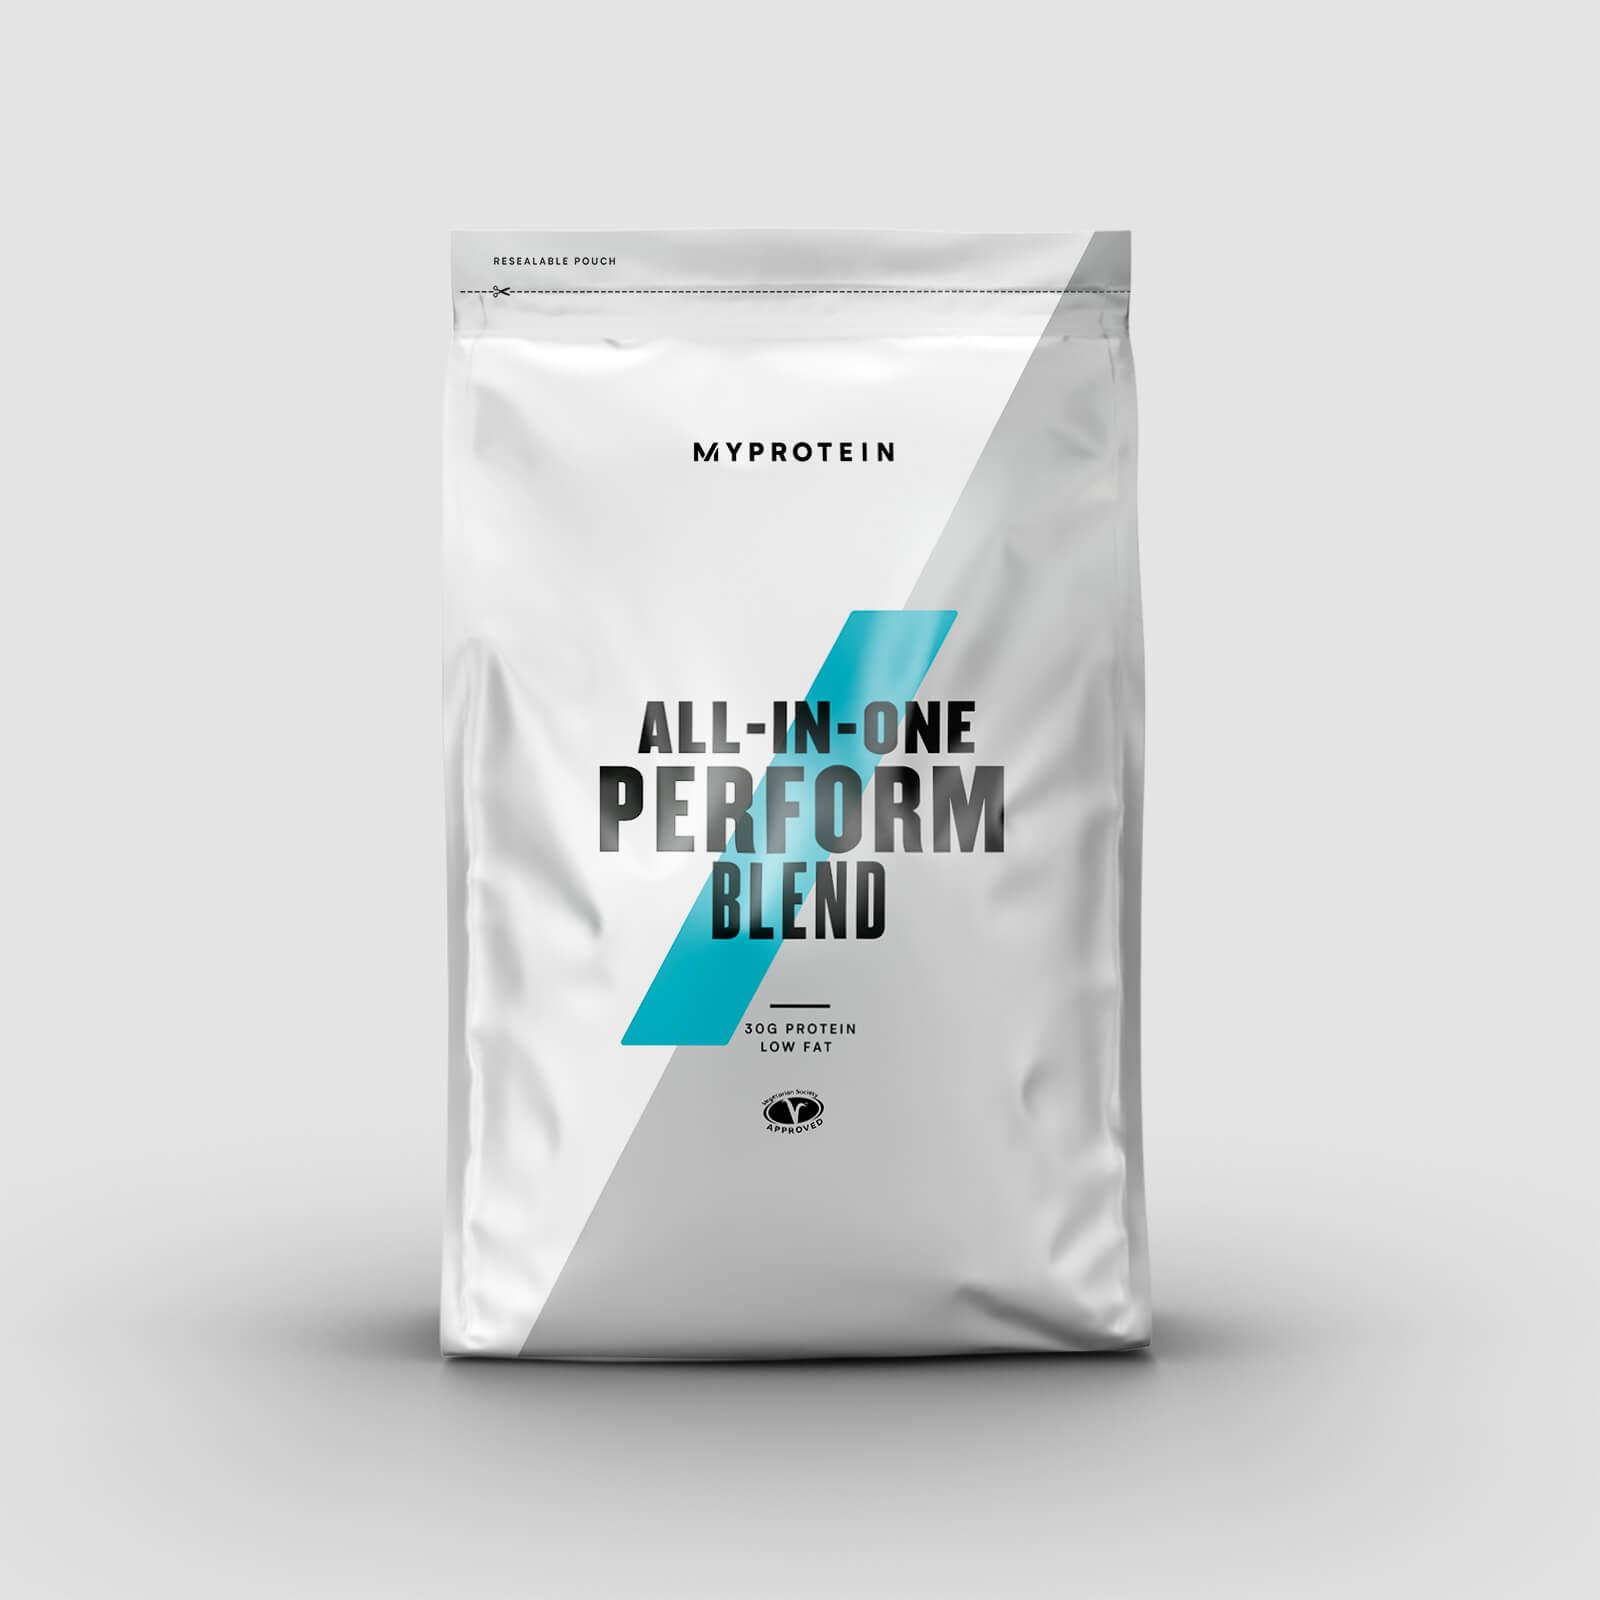 Mélange performance tout-en-un - 2500g - Vanille